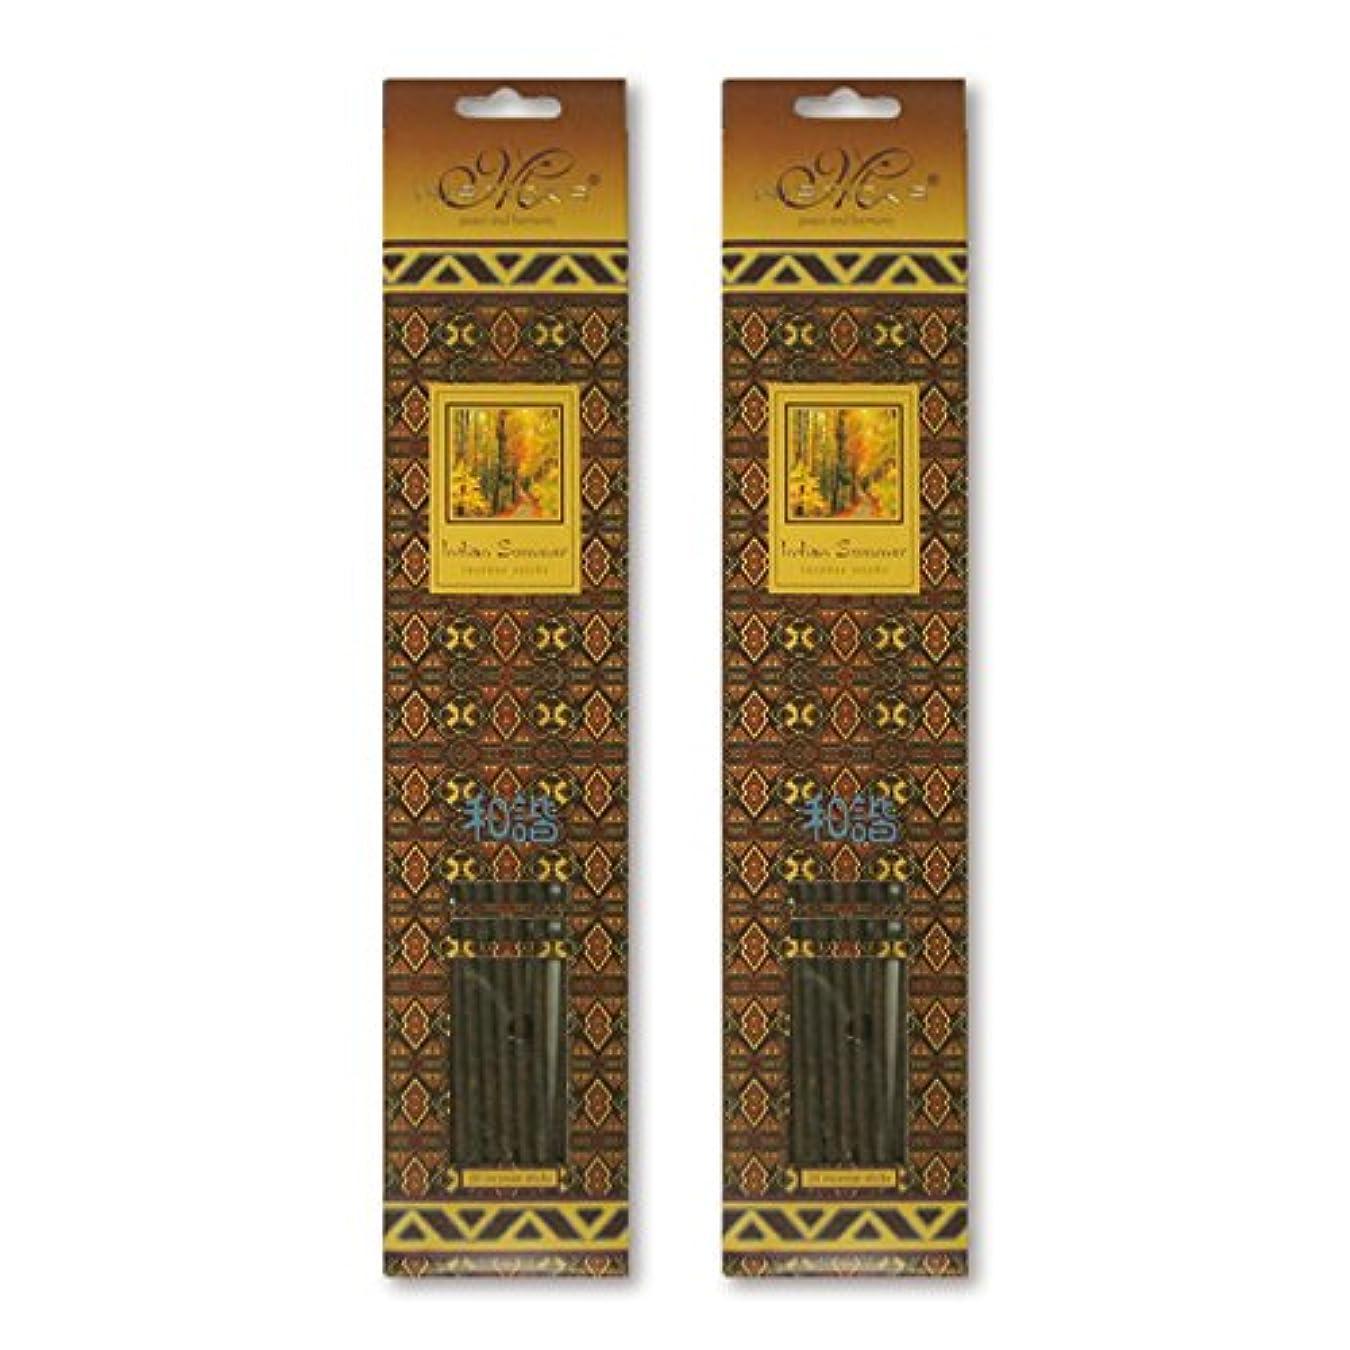 スパイラルで出来ているカウンターパートMISTICKS ミスティックス Indian Summer インディアンサマー お香 20本 X 2パック (40本)